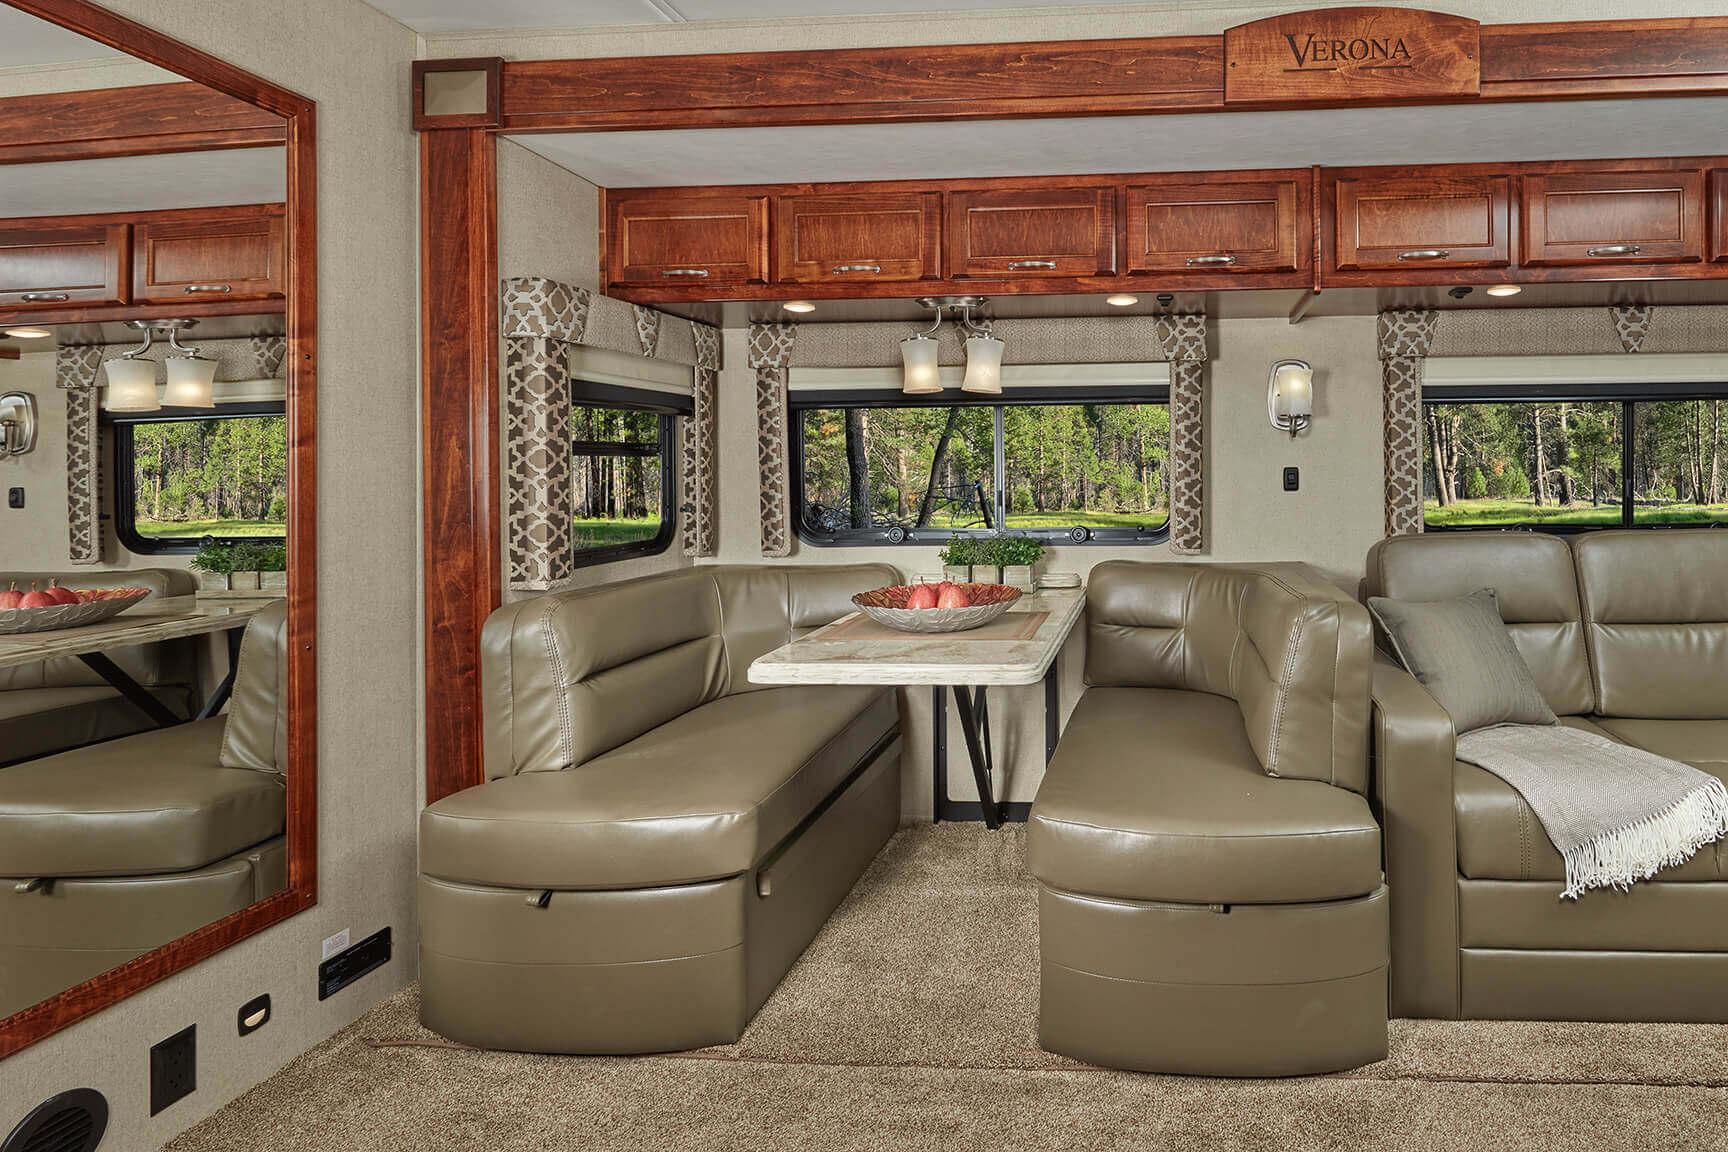 Freightliner Motorhomes – Renegade Verona Freightliner Motor Coach